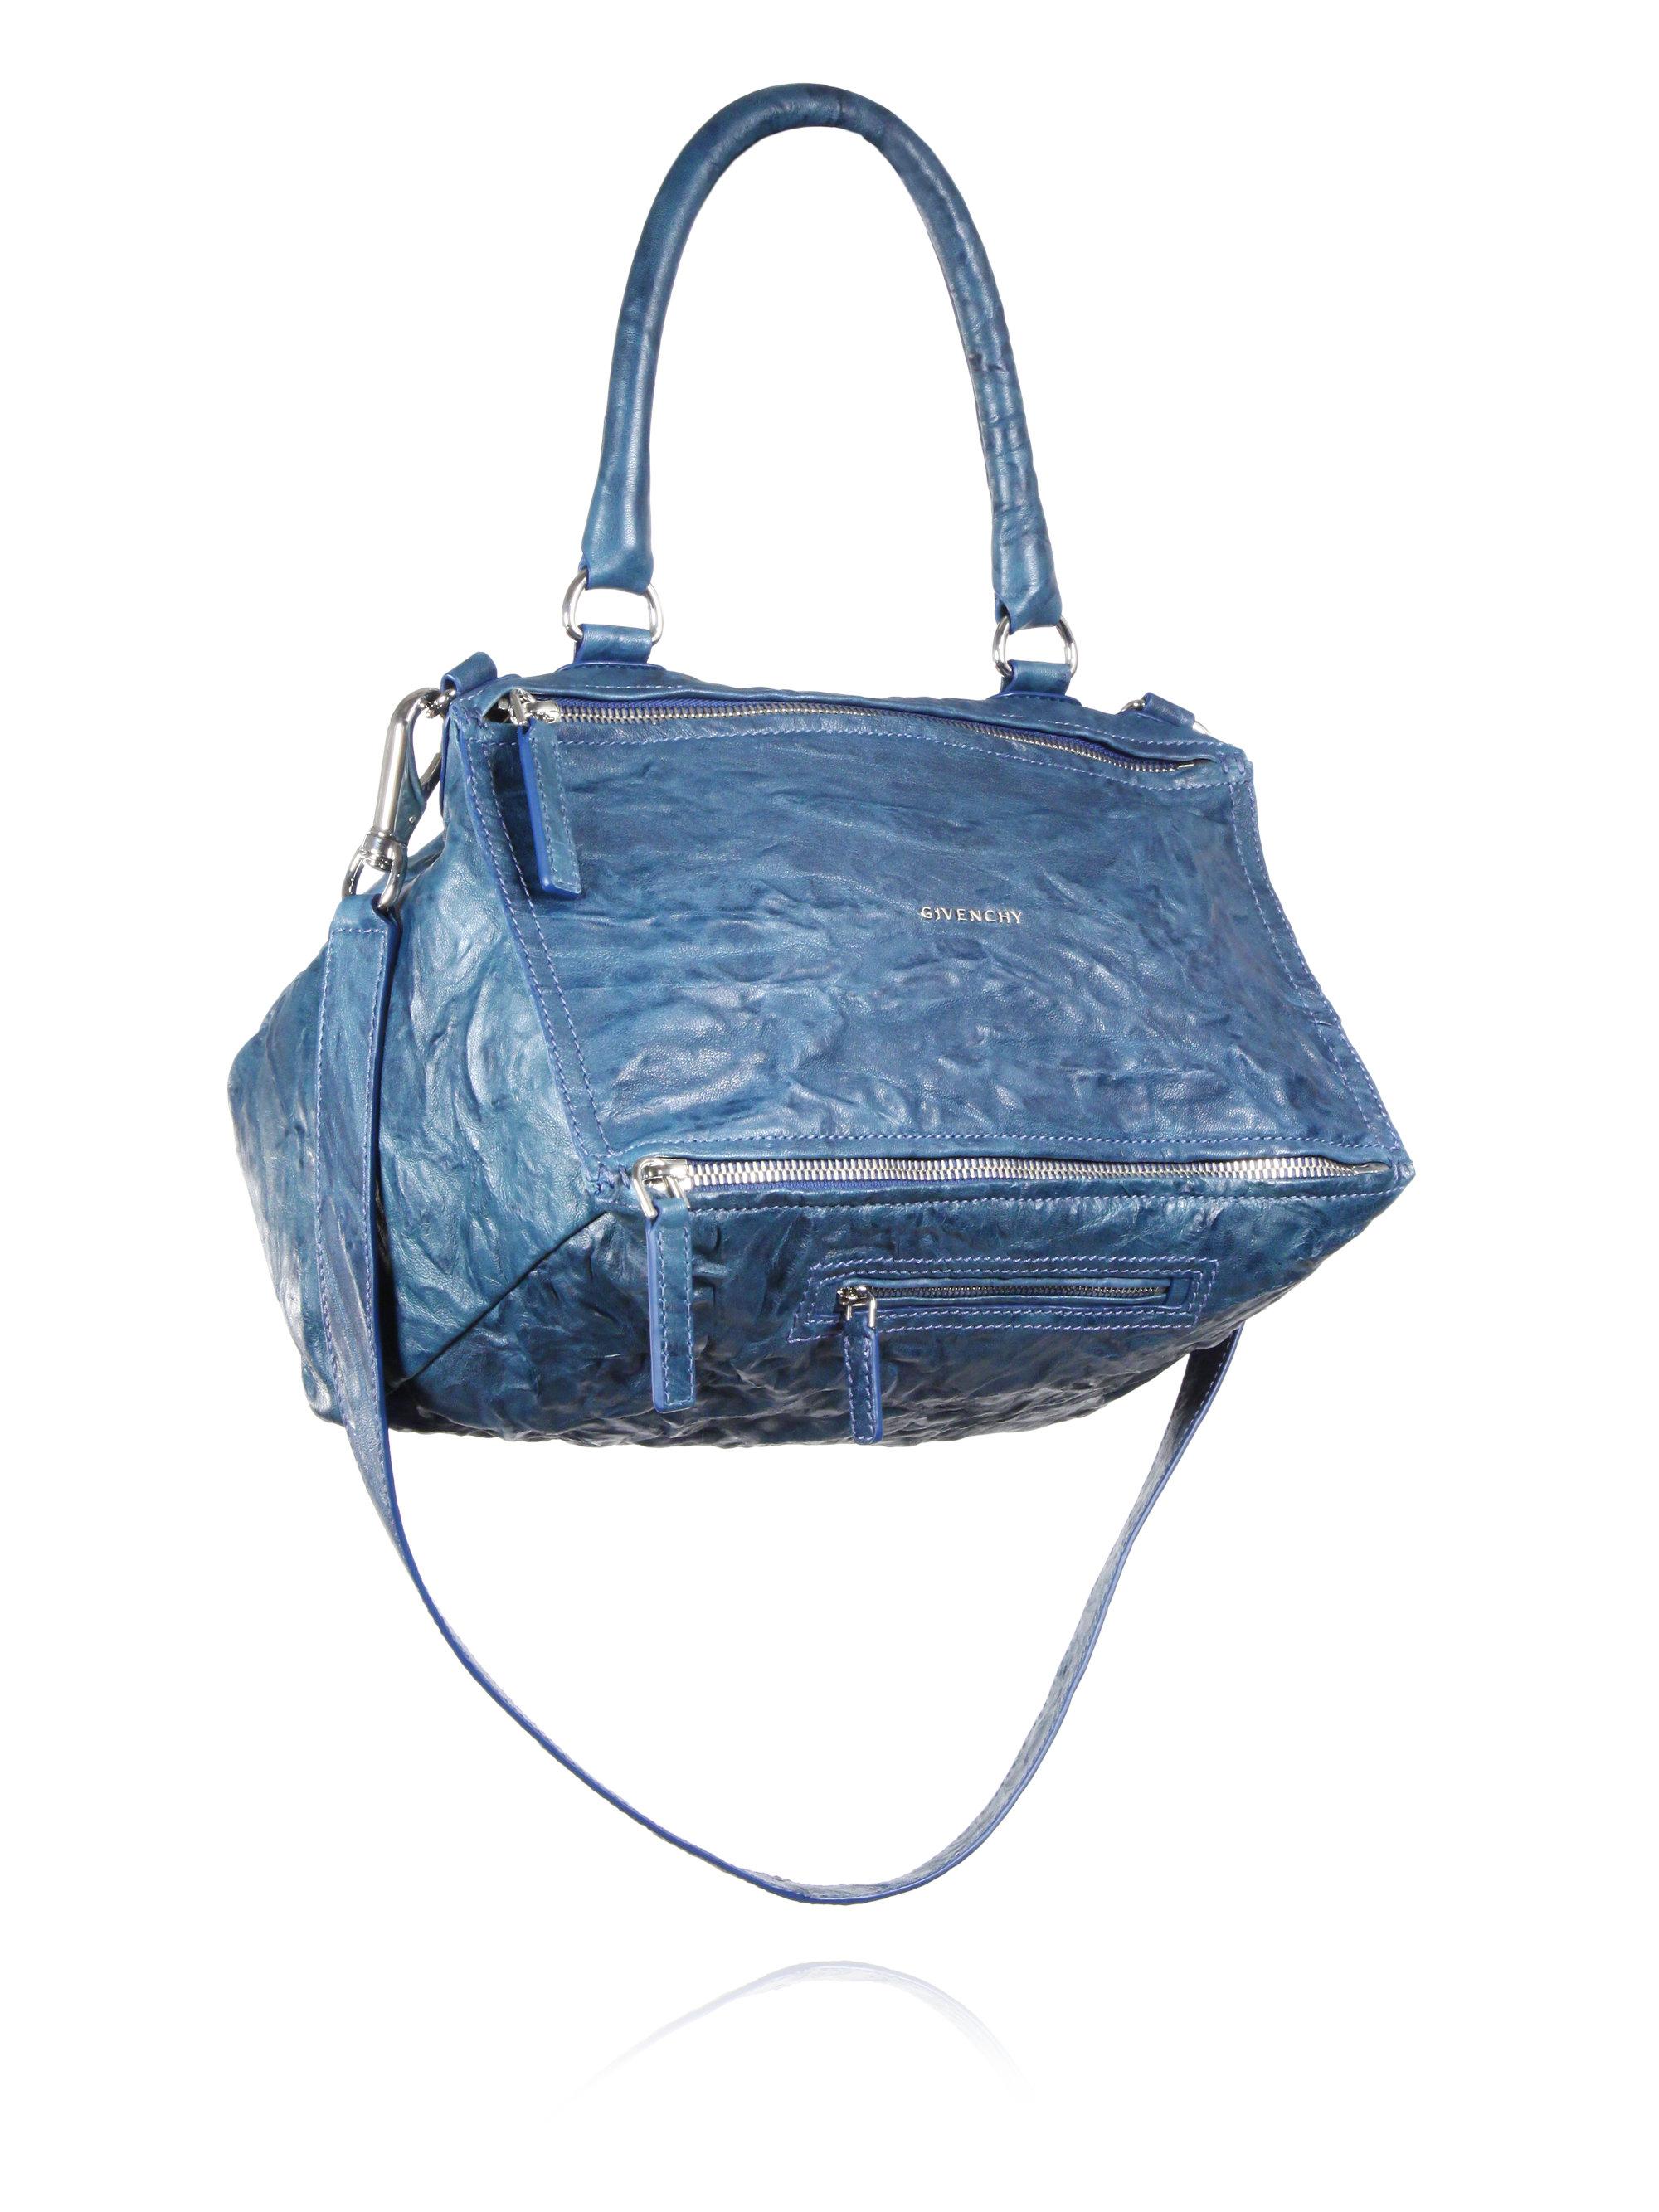 af5cf986c5 Givenchy Pandora Pepe Medium Leather Shoulder Bag in Blue - Lyst